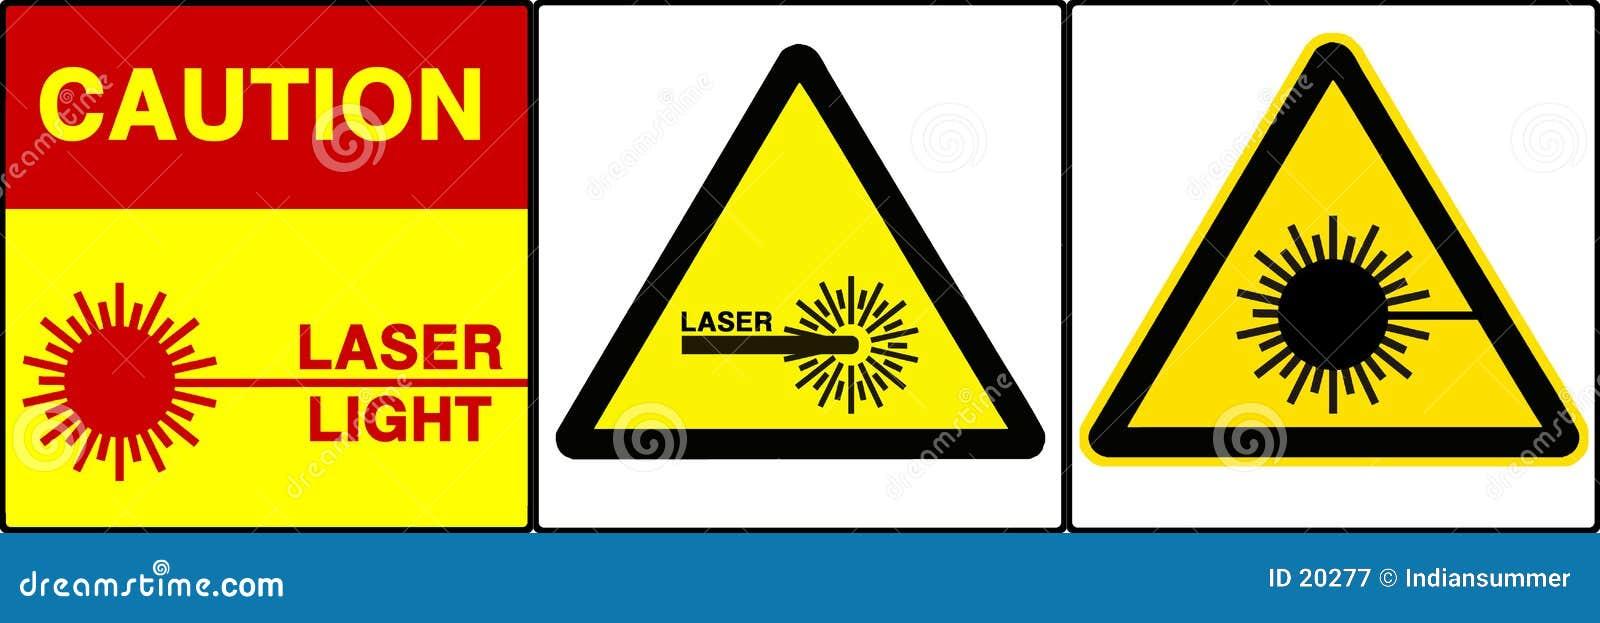 小心集合符号vii警告